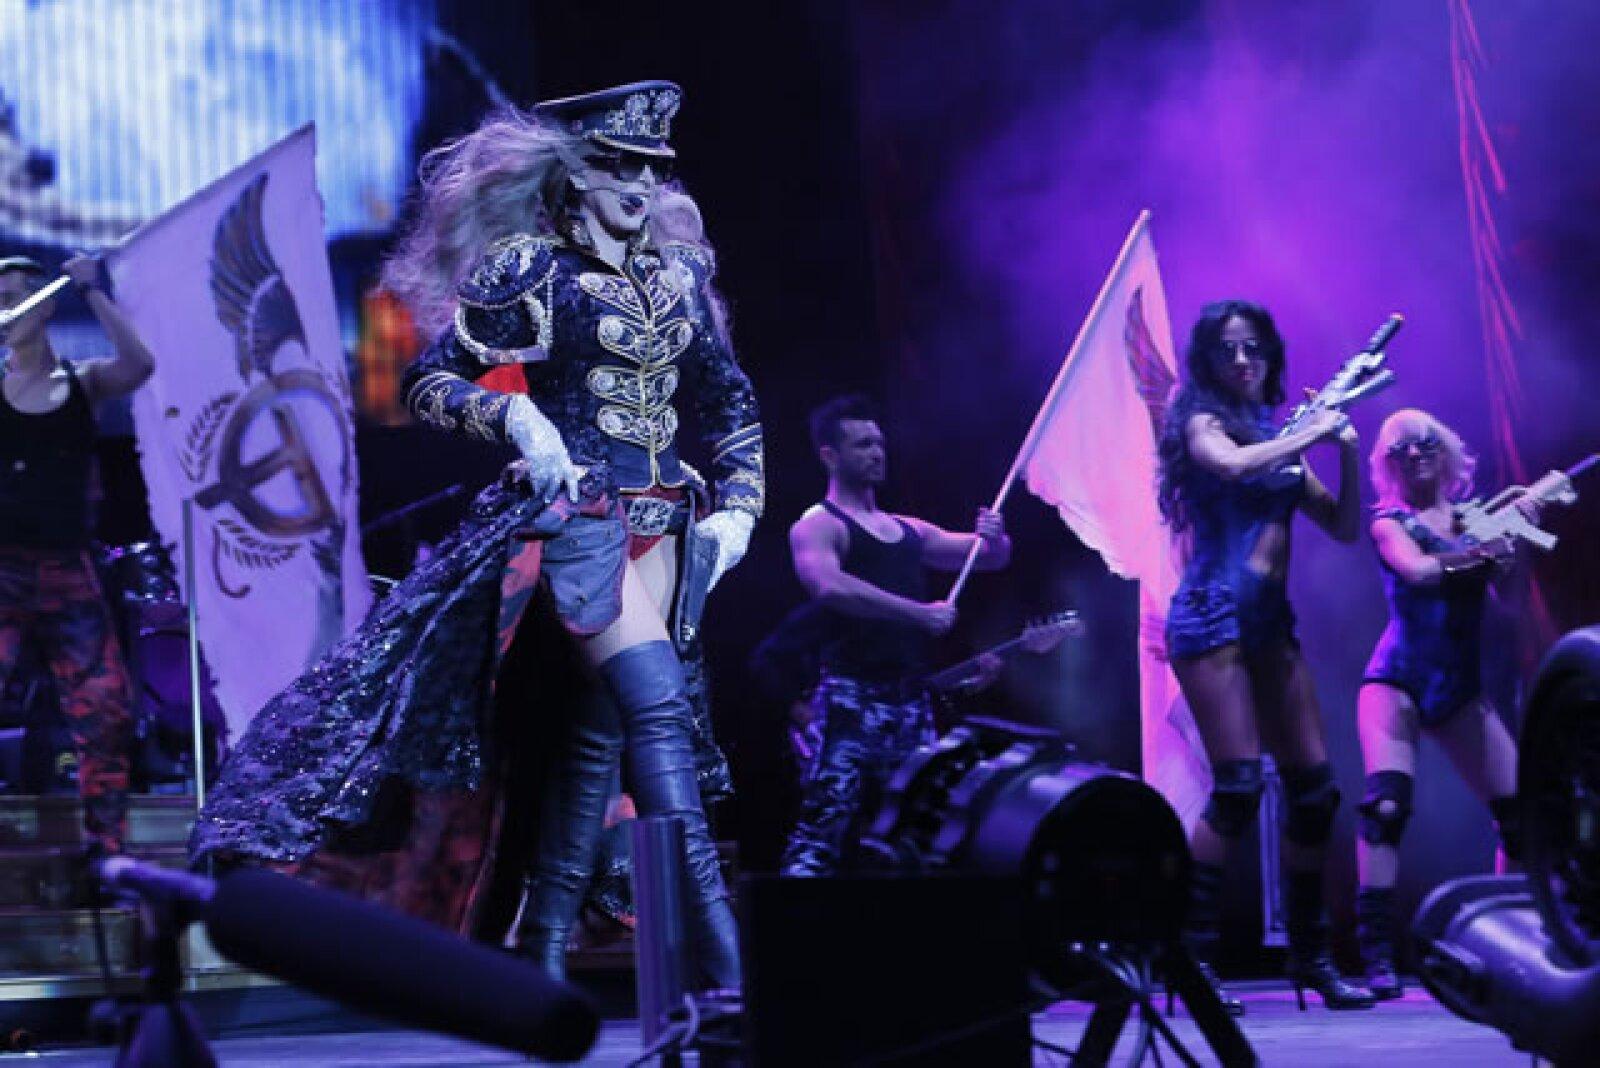 La cantante impactó con sus coreografías y dinamismo a sus fanáticos.